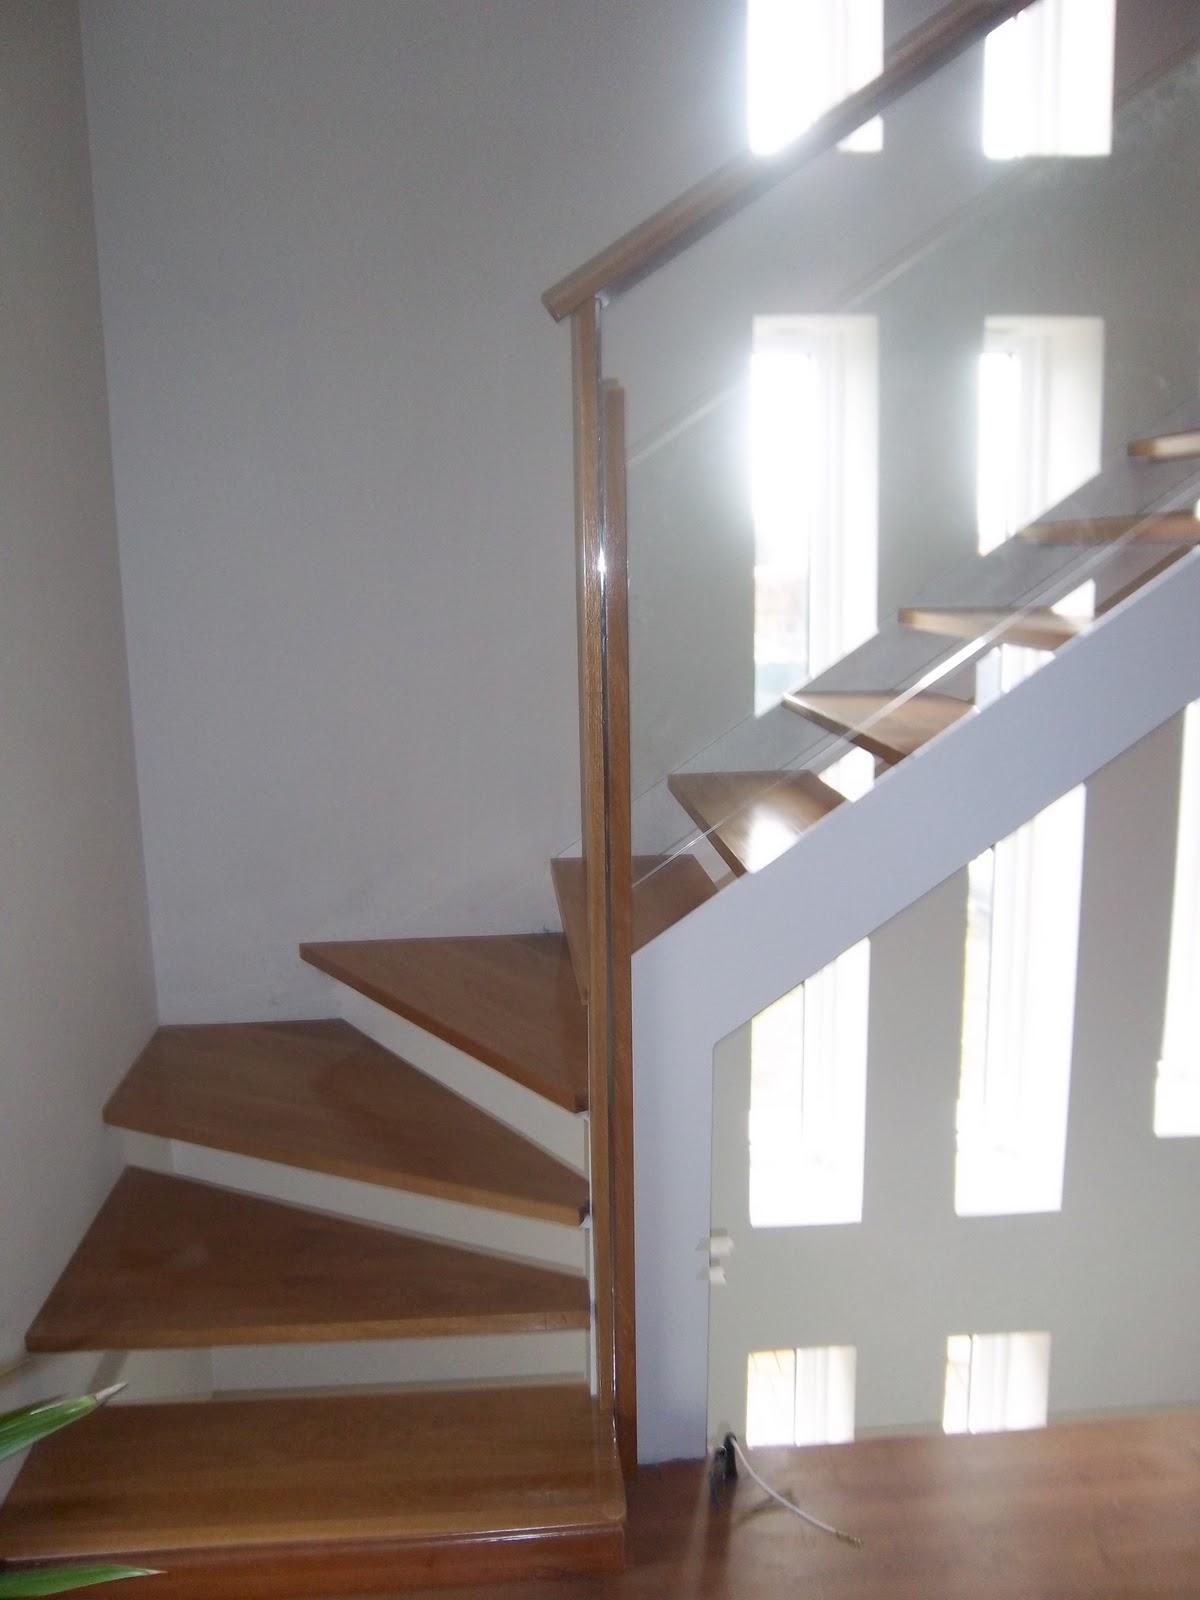 Norbel Carpinteria Metalica Y Acero Inoxidable Escalera Con - Escaleras-de-cristal-y-madera